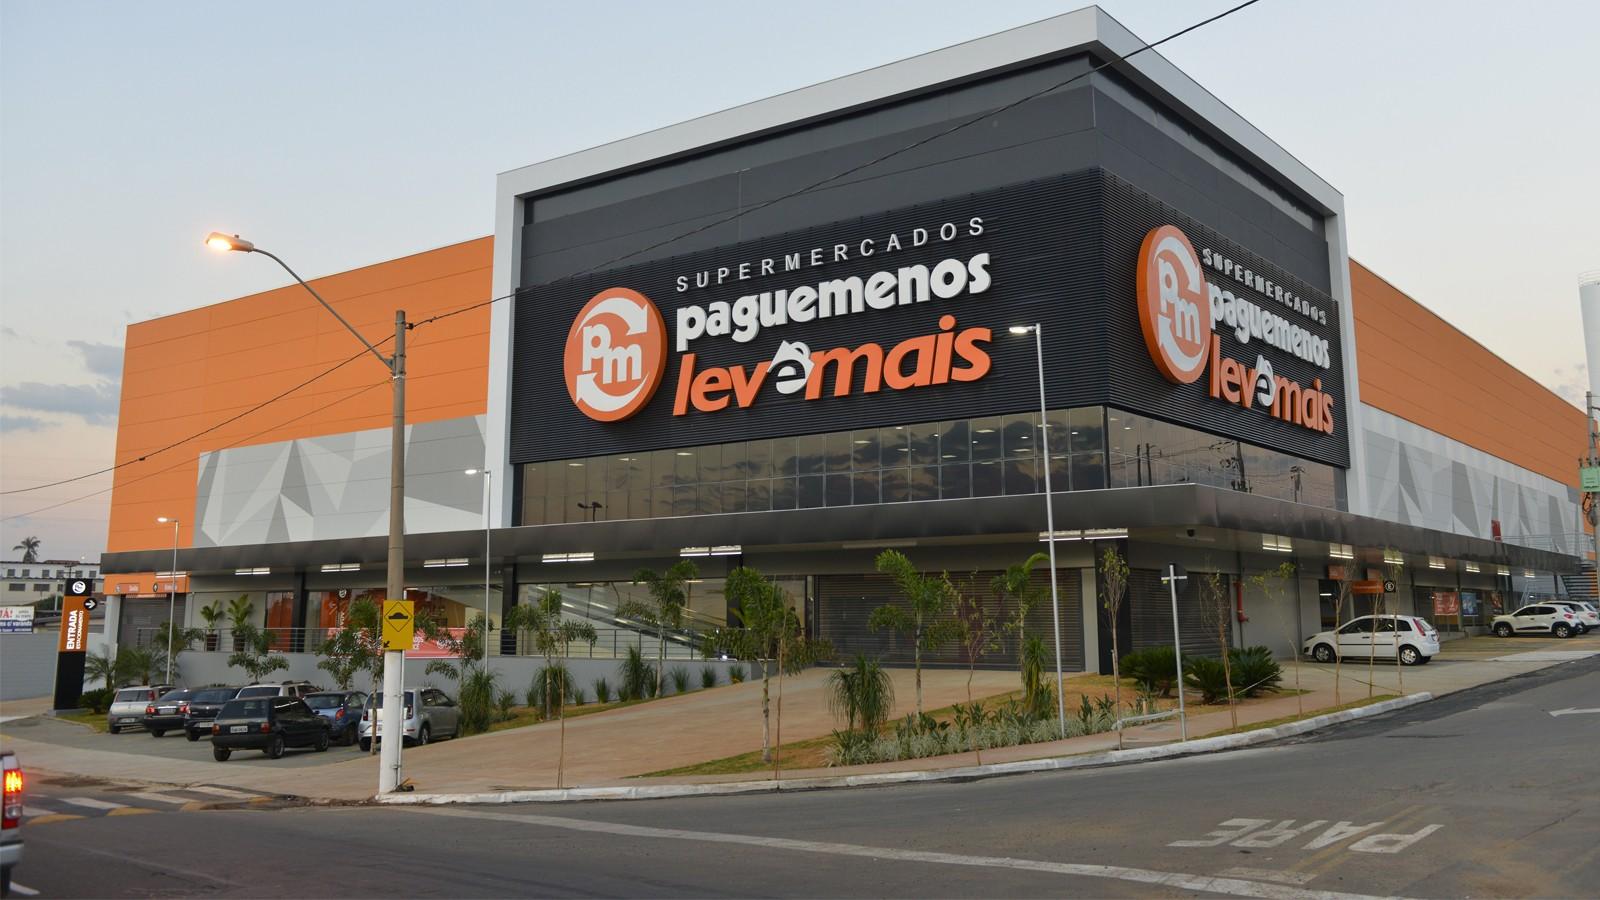 Supermercados Pague Menos contrata mais de cem pessoas em São João da Boa Vista